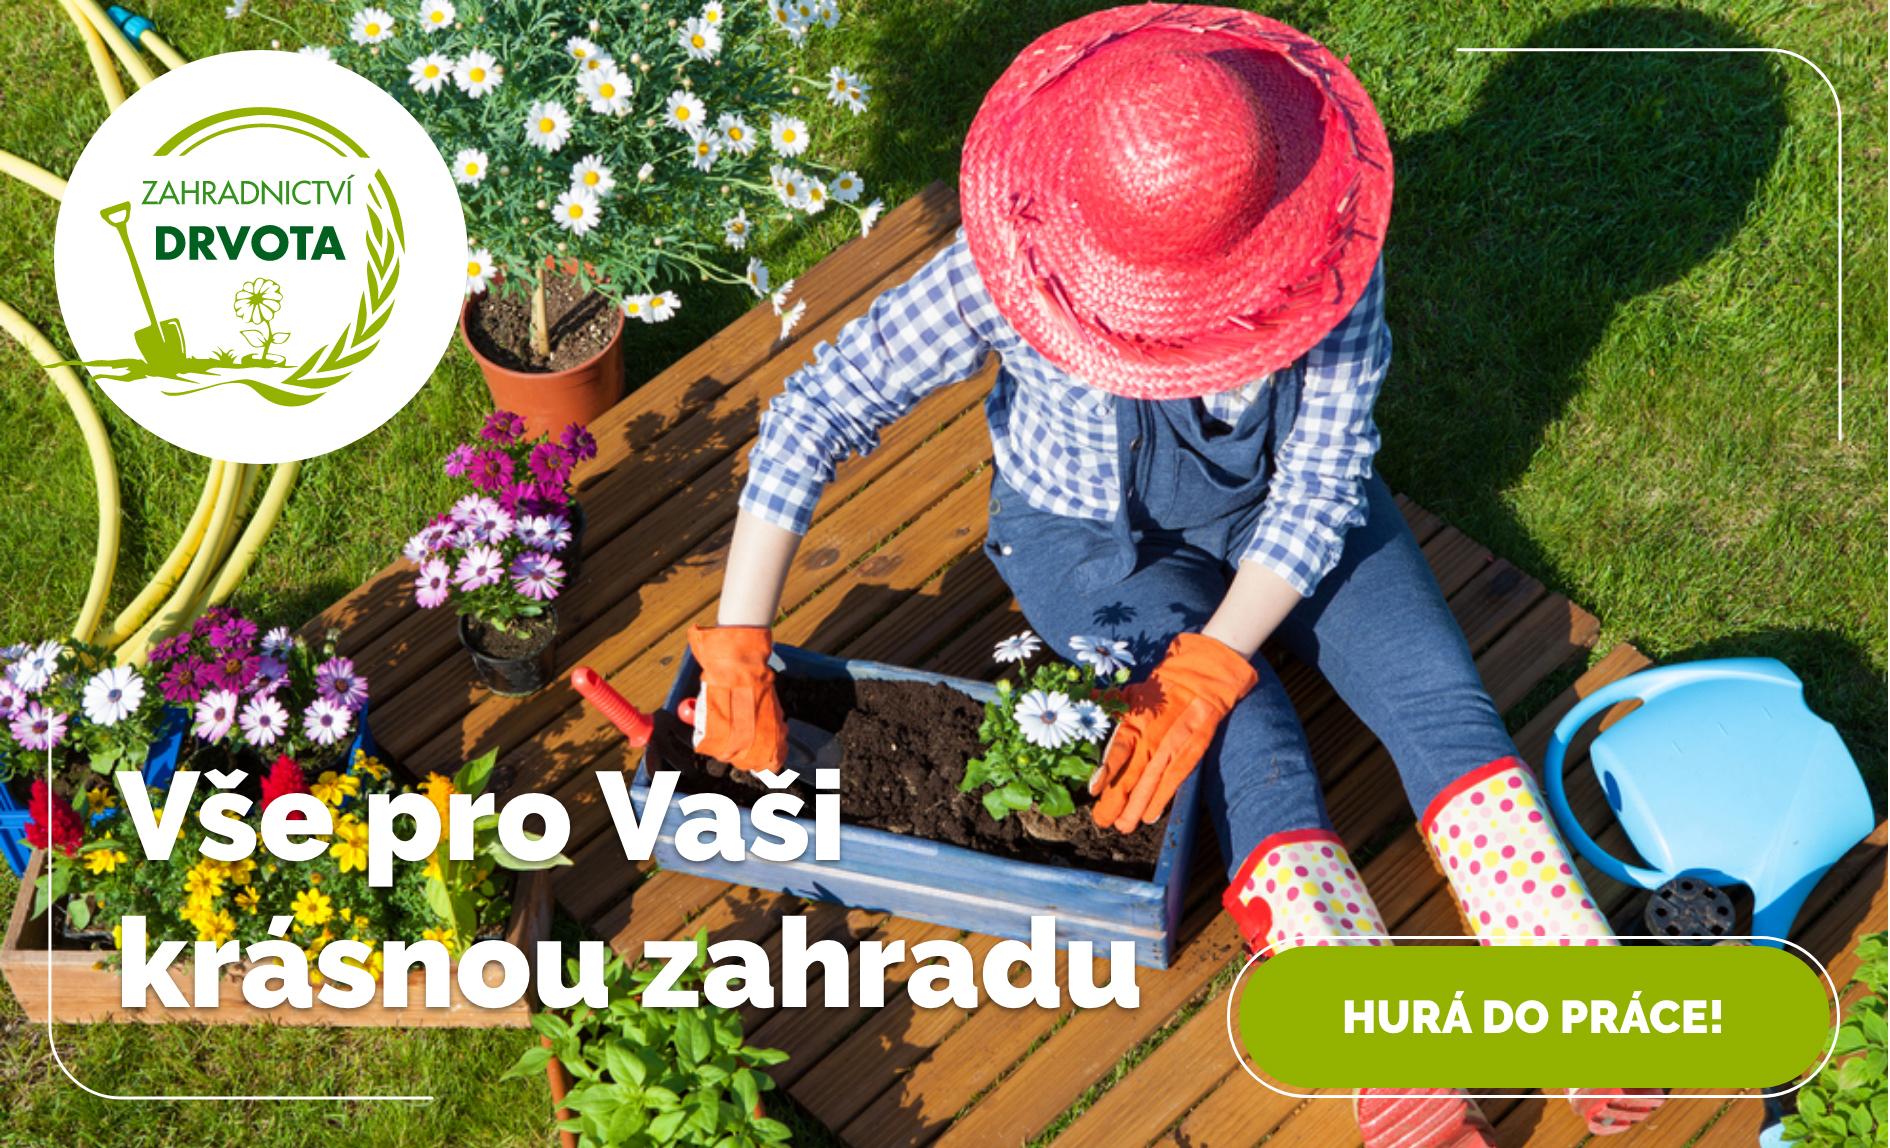 Zahradnictví Drvota